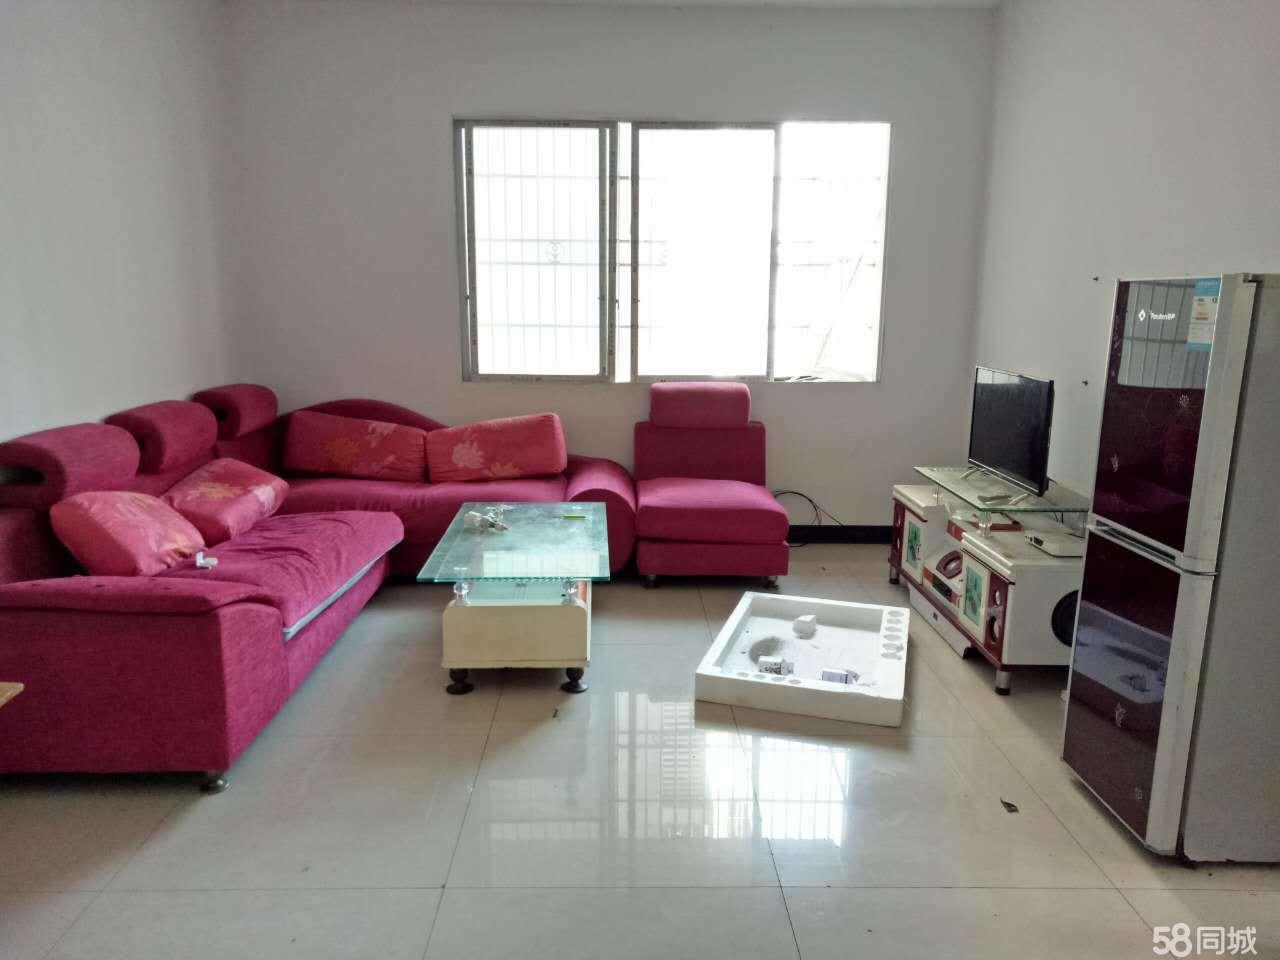 安居中央商城2室2厅83平米简单装修年付